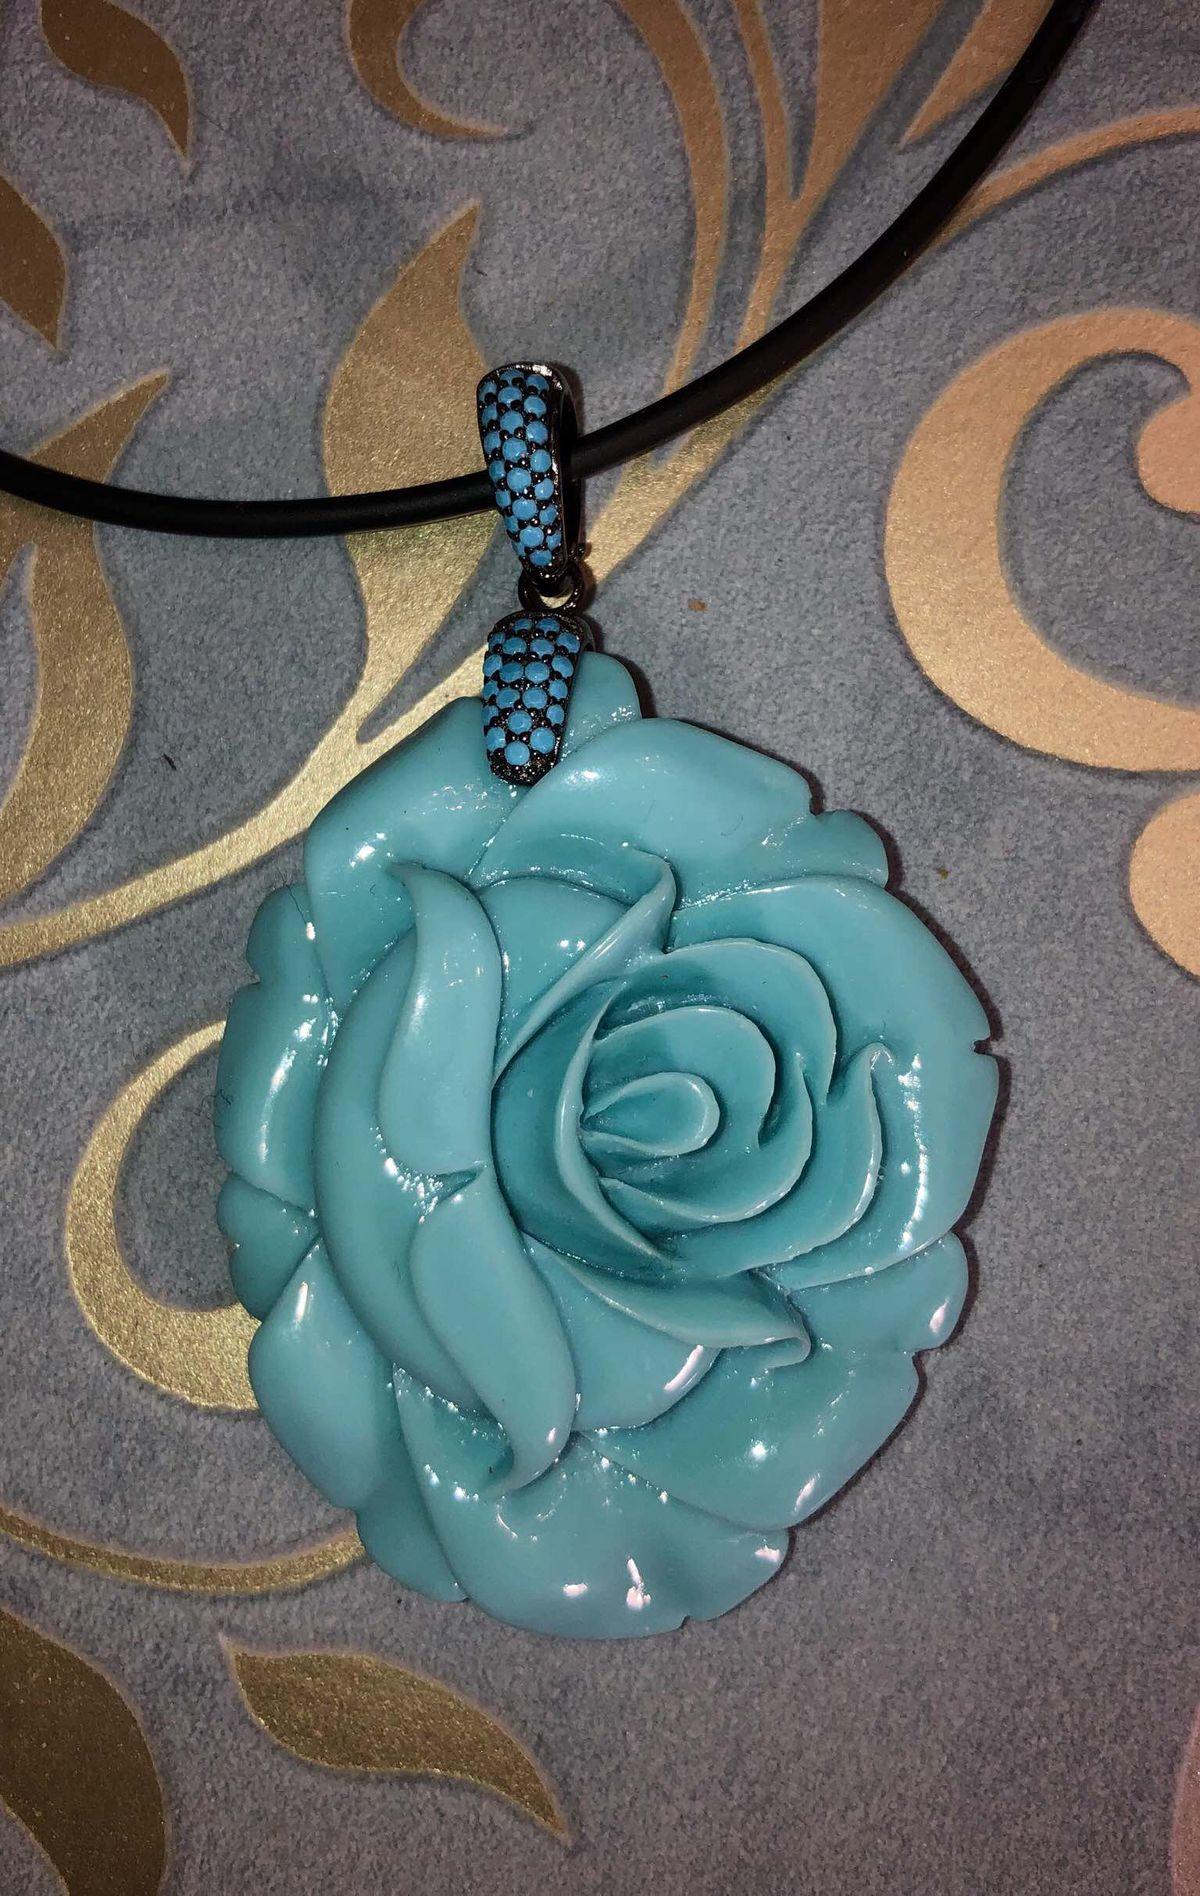 Прекрасная нежная роза!!